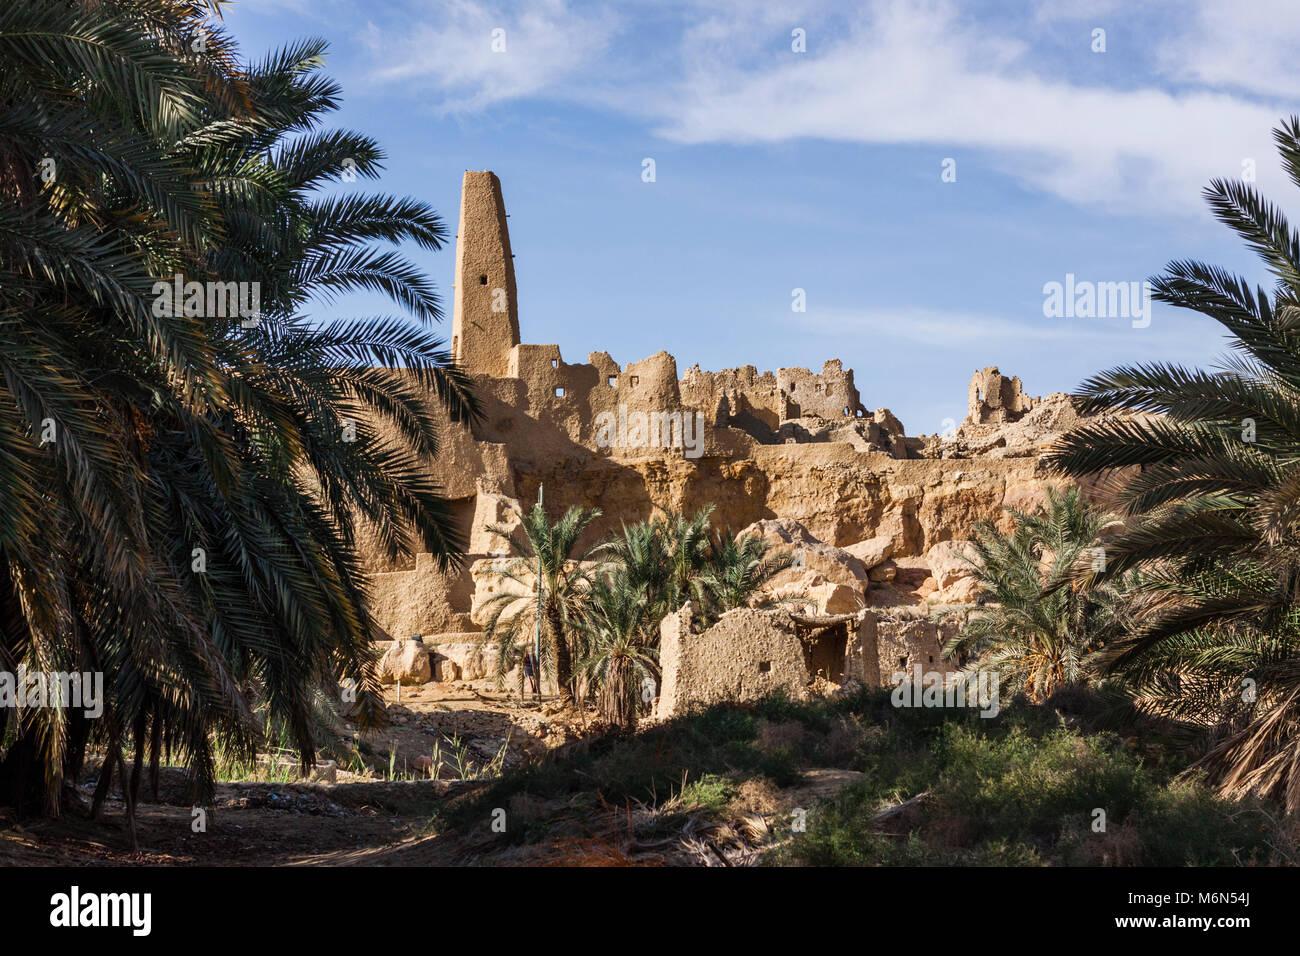 Resti del tempio di Oracle di Ammun e moschea al villaggio di Aghurmi. Oasi di Siwa, Egitto Immagini Stock